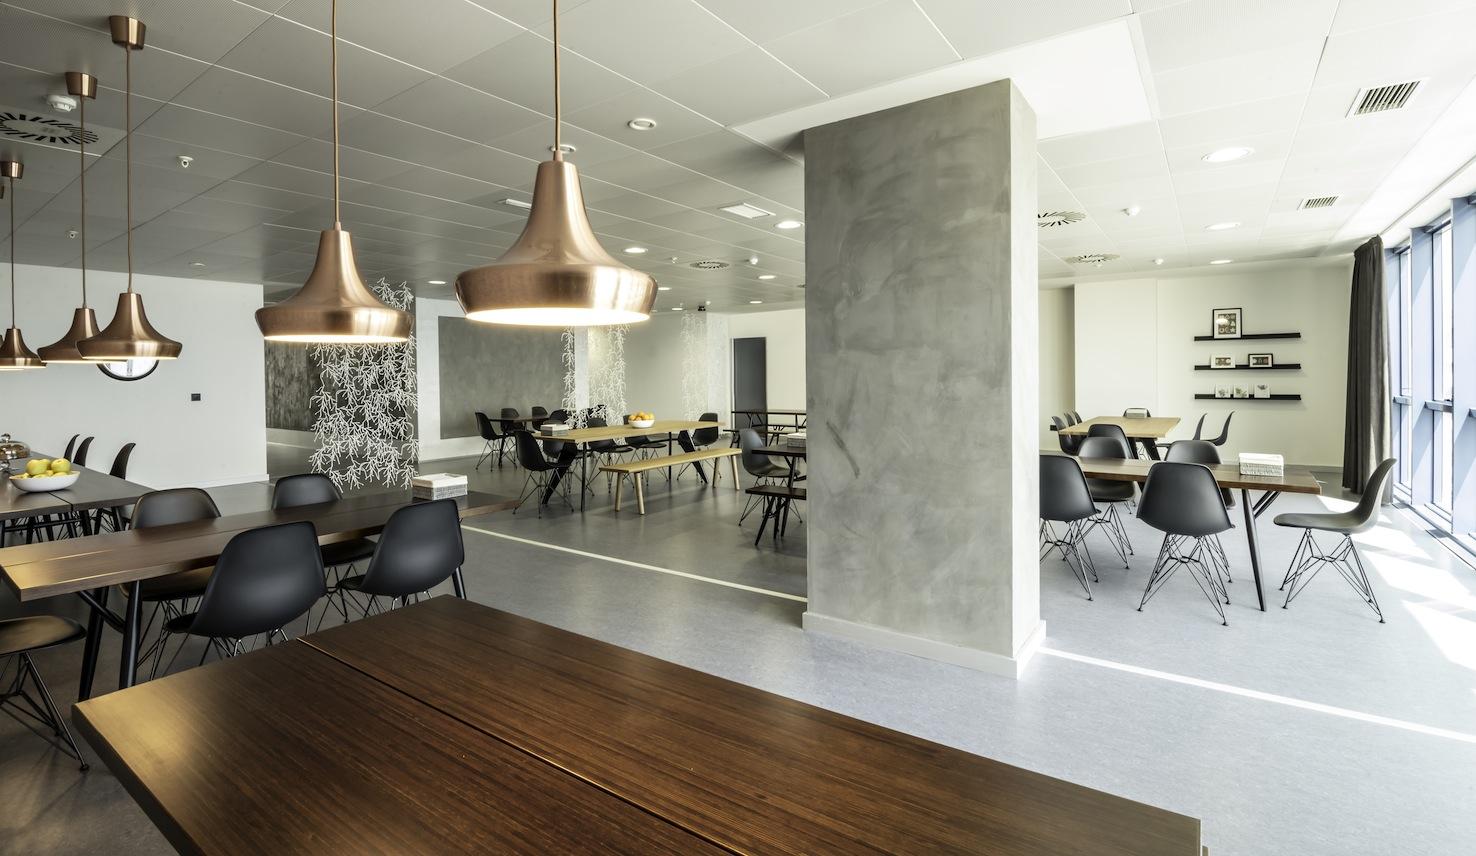 Oficinas grupo asv en alicante 10decoracion for Comedor para oficina